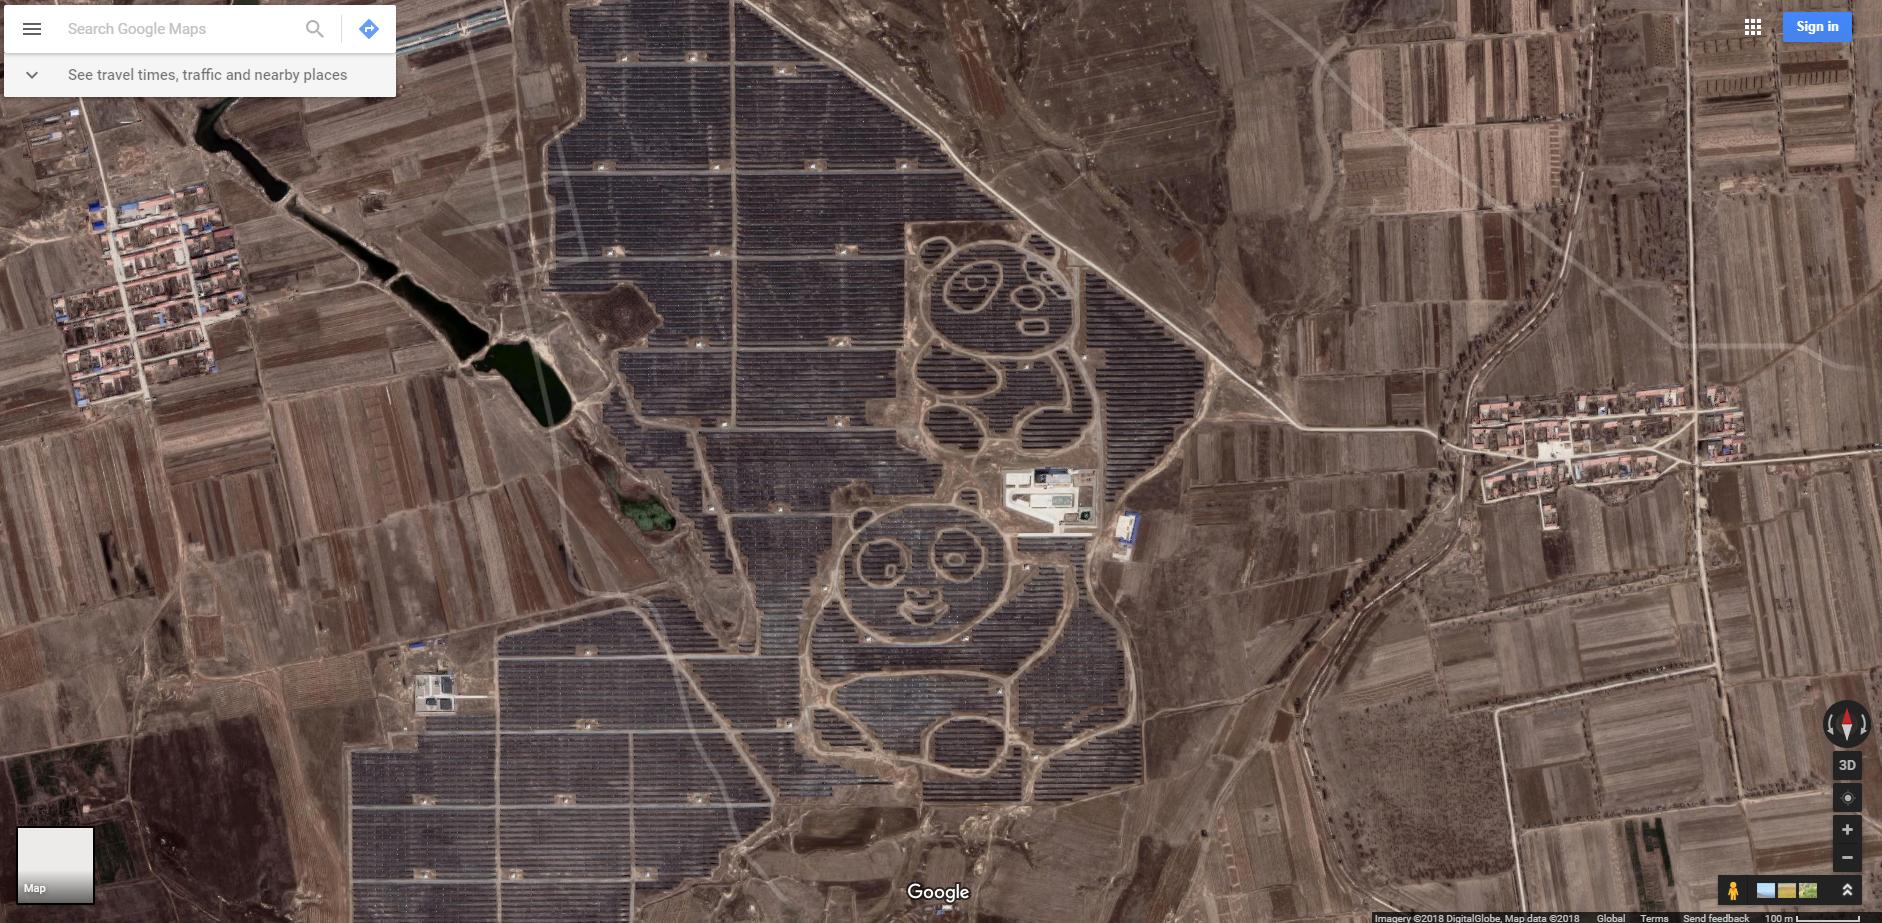 Không phải Photoshop, những chú gấu trúc năng lượng mặt trời này khiến ai cũng phát cuồng vì độ cute - Ảnh 4.